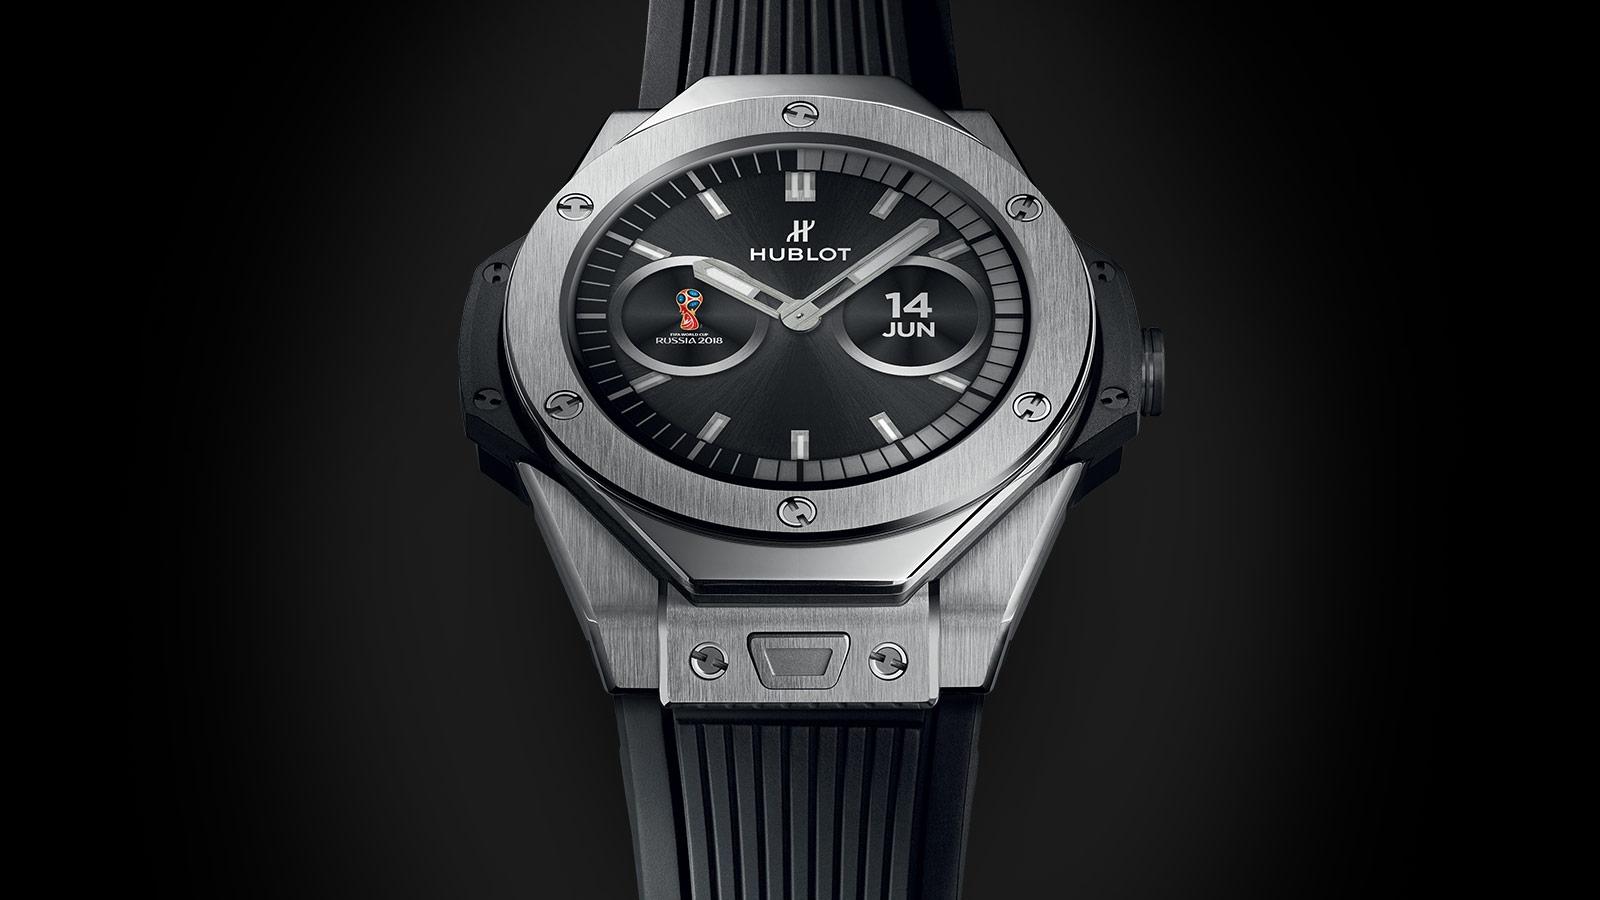 Умные часы hublot big bang referee fifa nxrx имеют диаметр 49 мм, оснащены жидкокристаллическим циферблатом, wi-fi, bluetooth и суточным запасом батареи работают на основе intel®️.